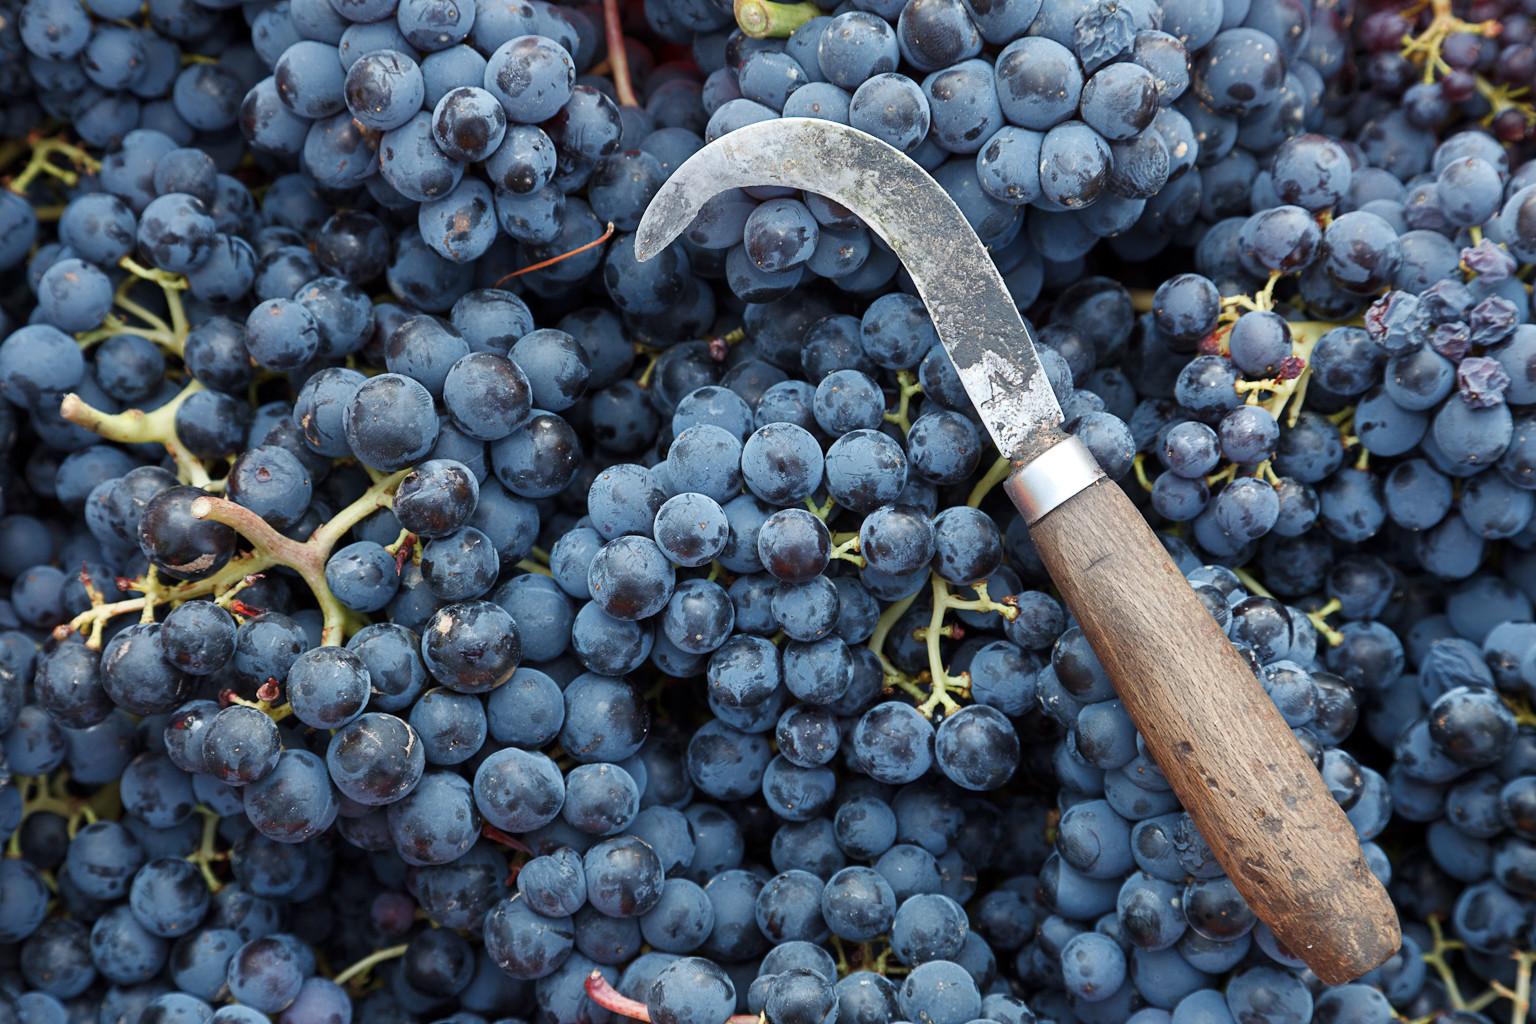 Racimos de uva en su vendimia